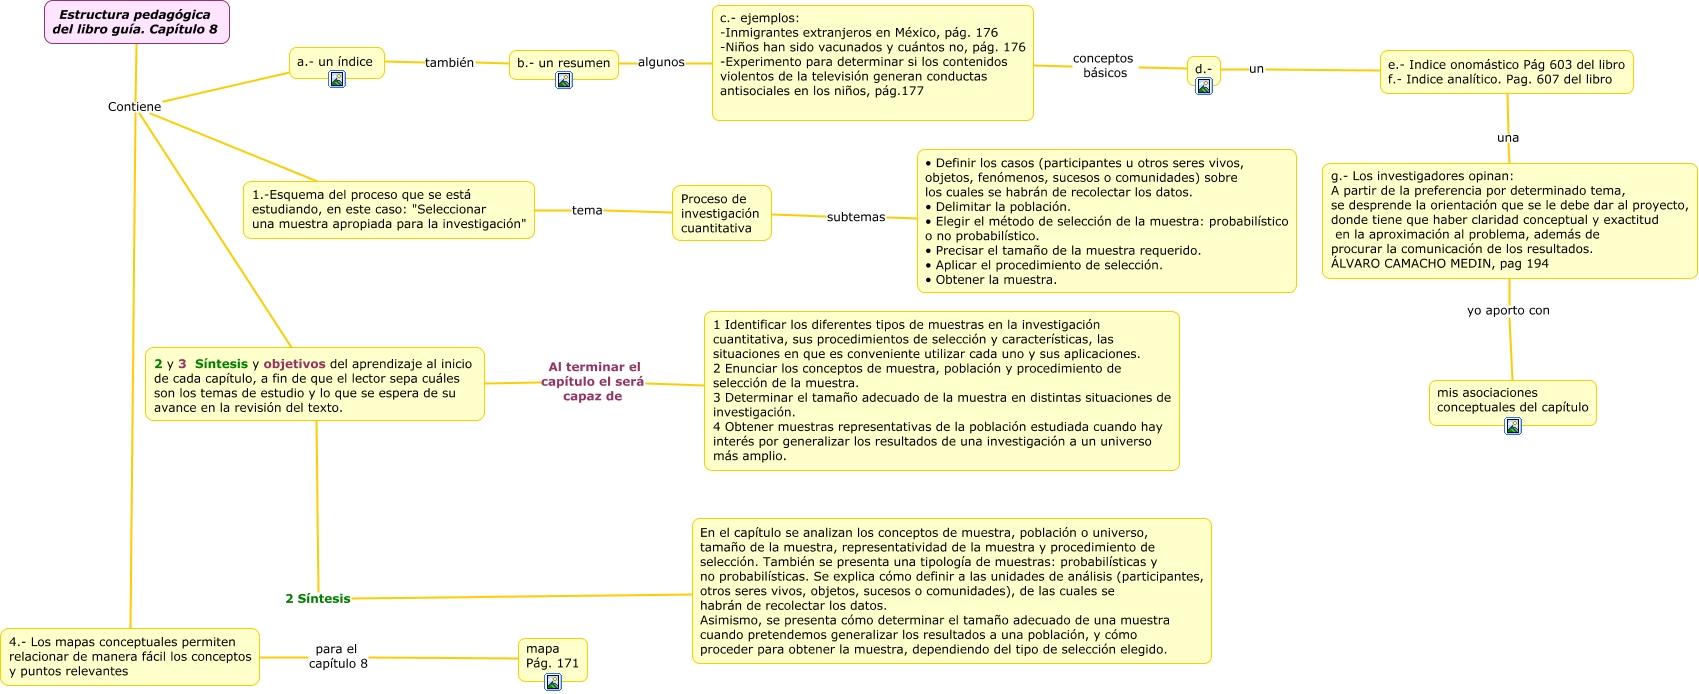 Cap 8- Selección de la muestra